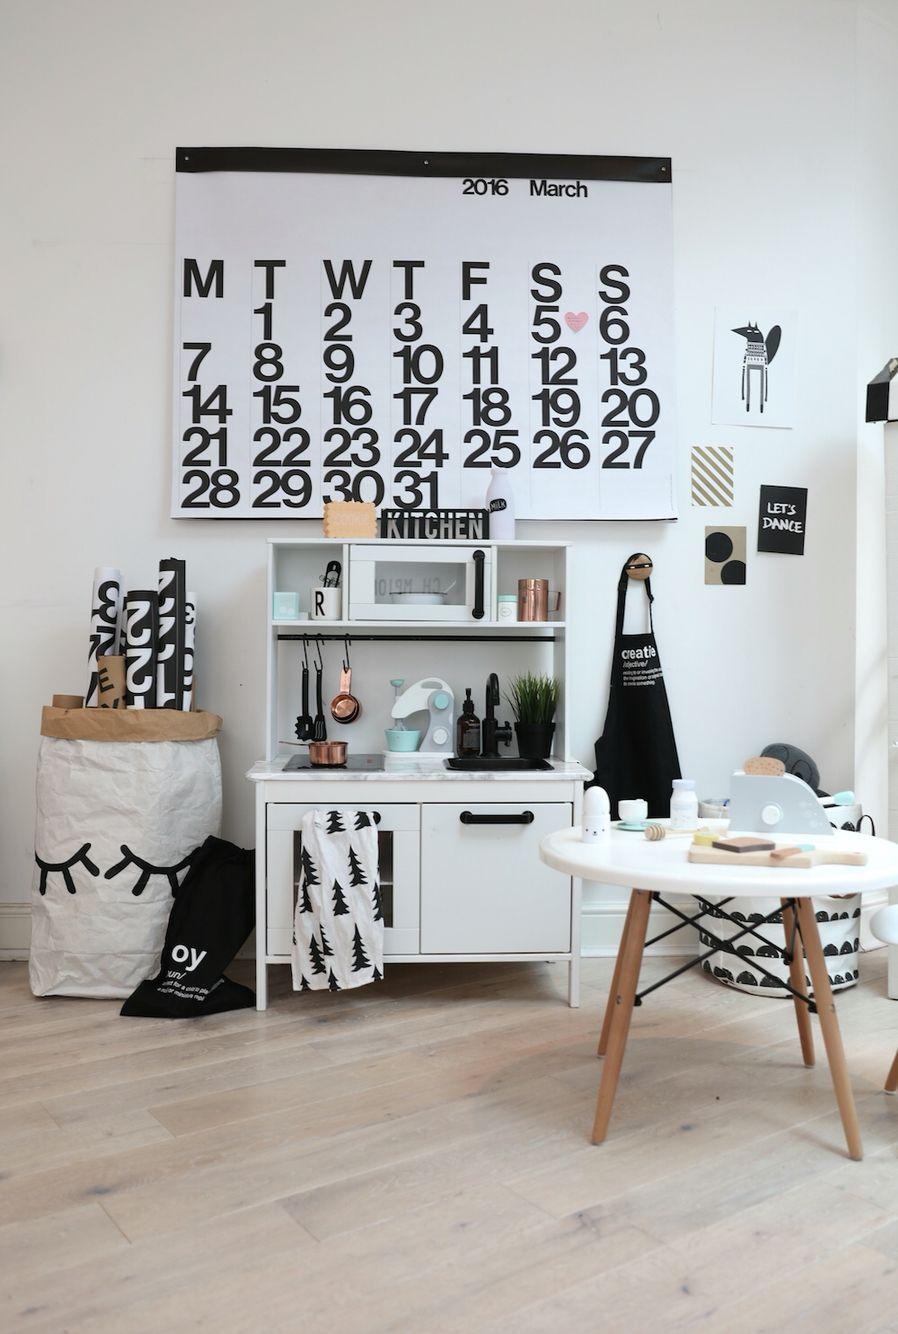 8 Scandinavian Design Ideas To a Better 2018! 7 scandinavian design ideas 8 Scandinavian Design Ideas To a Better 2018! 8 Scandinavian Design Ideas To a Better 2018 7